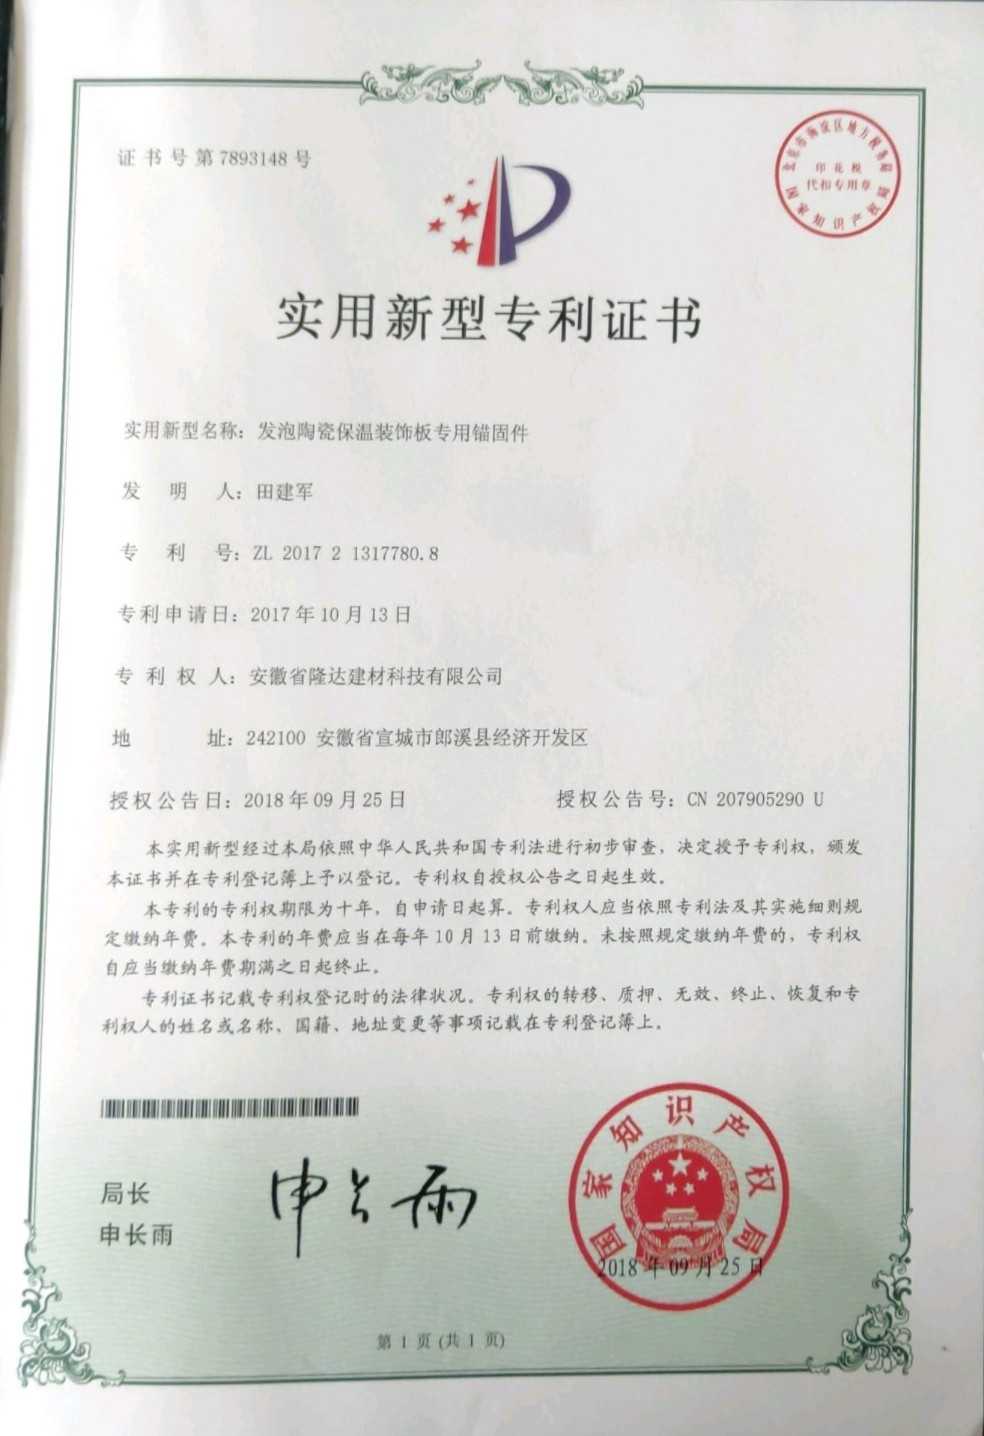 公司榮譽-發泡陶瓷保溫裝飾板專用錨固件-實用新型專利證書